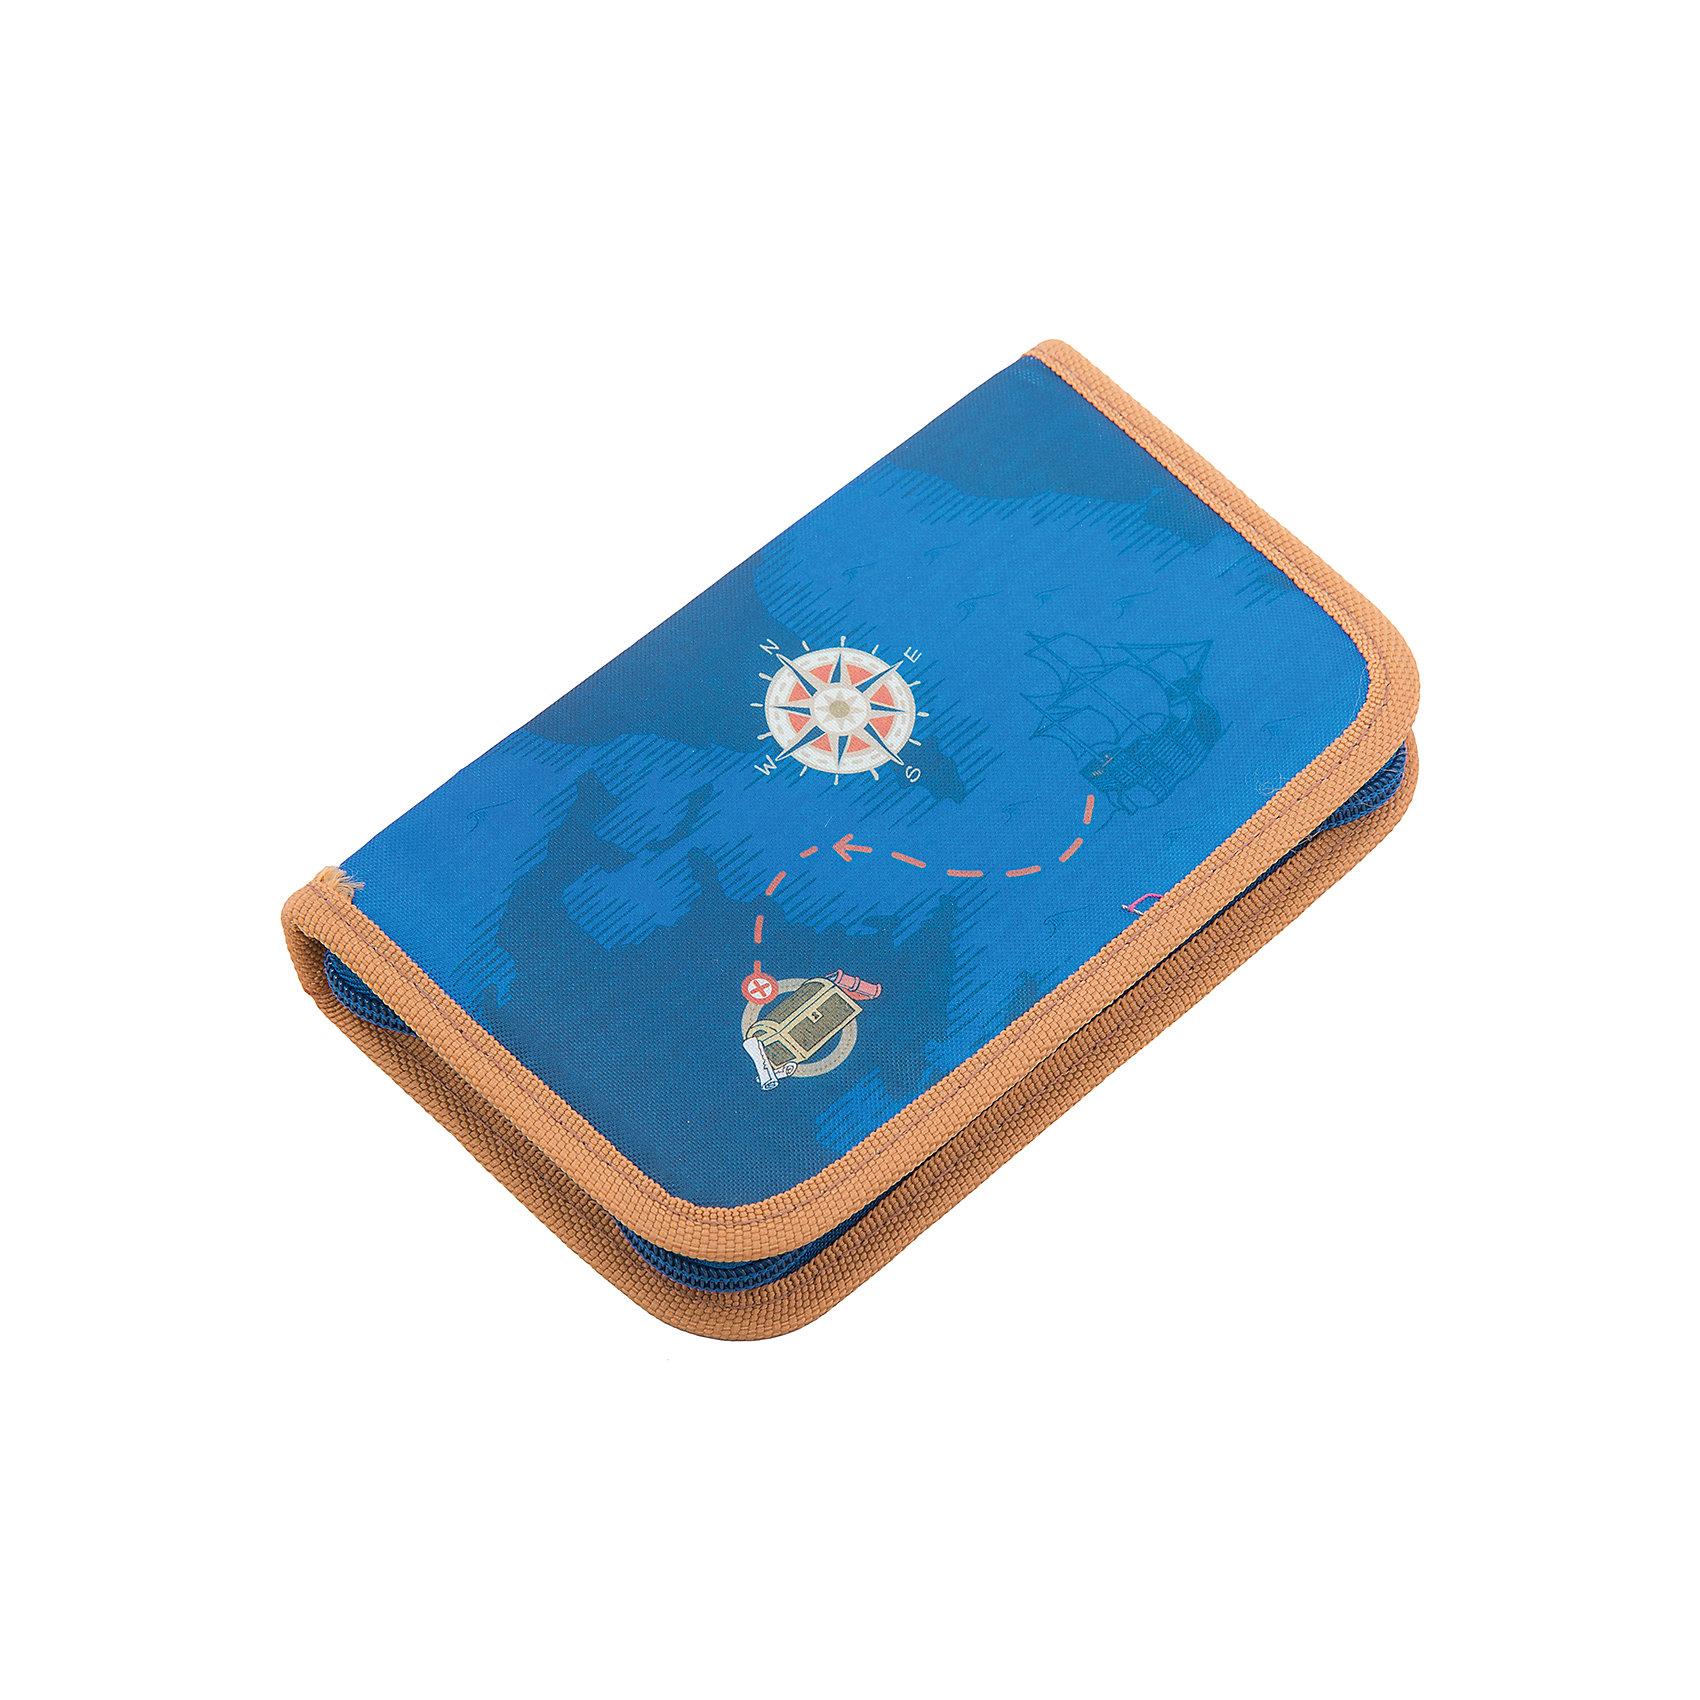 Пенал 1-секционный Компас, СмурфикиСмурфики<br>Пенал Компас – это модный и красивый аксессуар, который надежно сохранит все мелкие школьные принадлежности. Его специальные петельки из резинки надежно зафиксируют ручки и карандаши, точилку и ластик. Изделие изготовлено из износостойкой ткани и качественного ламинированного картона, поэтому будет служить очень долго. Аксессуар декорирован ярким принтом снаружи и внутри. <br><br>Дополнительная информация:<br><br>- Материал: картон, текстиль.<br>- Размер: 19,5х11х3,5 см.<br>- Цвет: синий. <br>- Количество отделений: 1.<br><br>Пенал 1-секционный Компас, Смурфики, можно купить в нашем магазине.<br><br>Ширина мм: 195<br>Глубина мм: 110<br>Высота мм: 35<br>Вес г: 105<br>Возраст от месяцев: 36<br>Возраст до месяцев: 108<br>Пол: Мужской<br>Возраст: Детский<br>SKU: 4074013